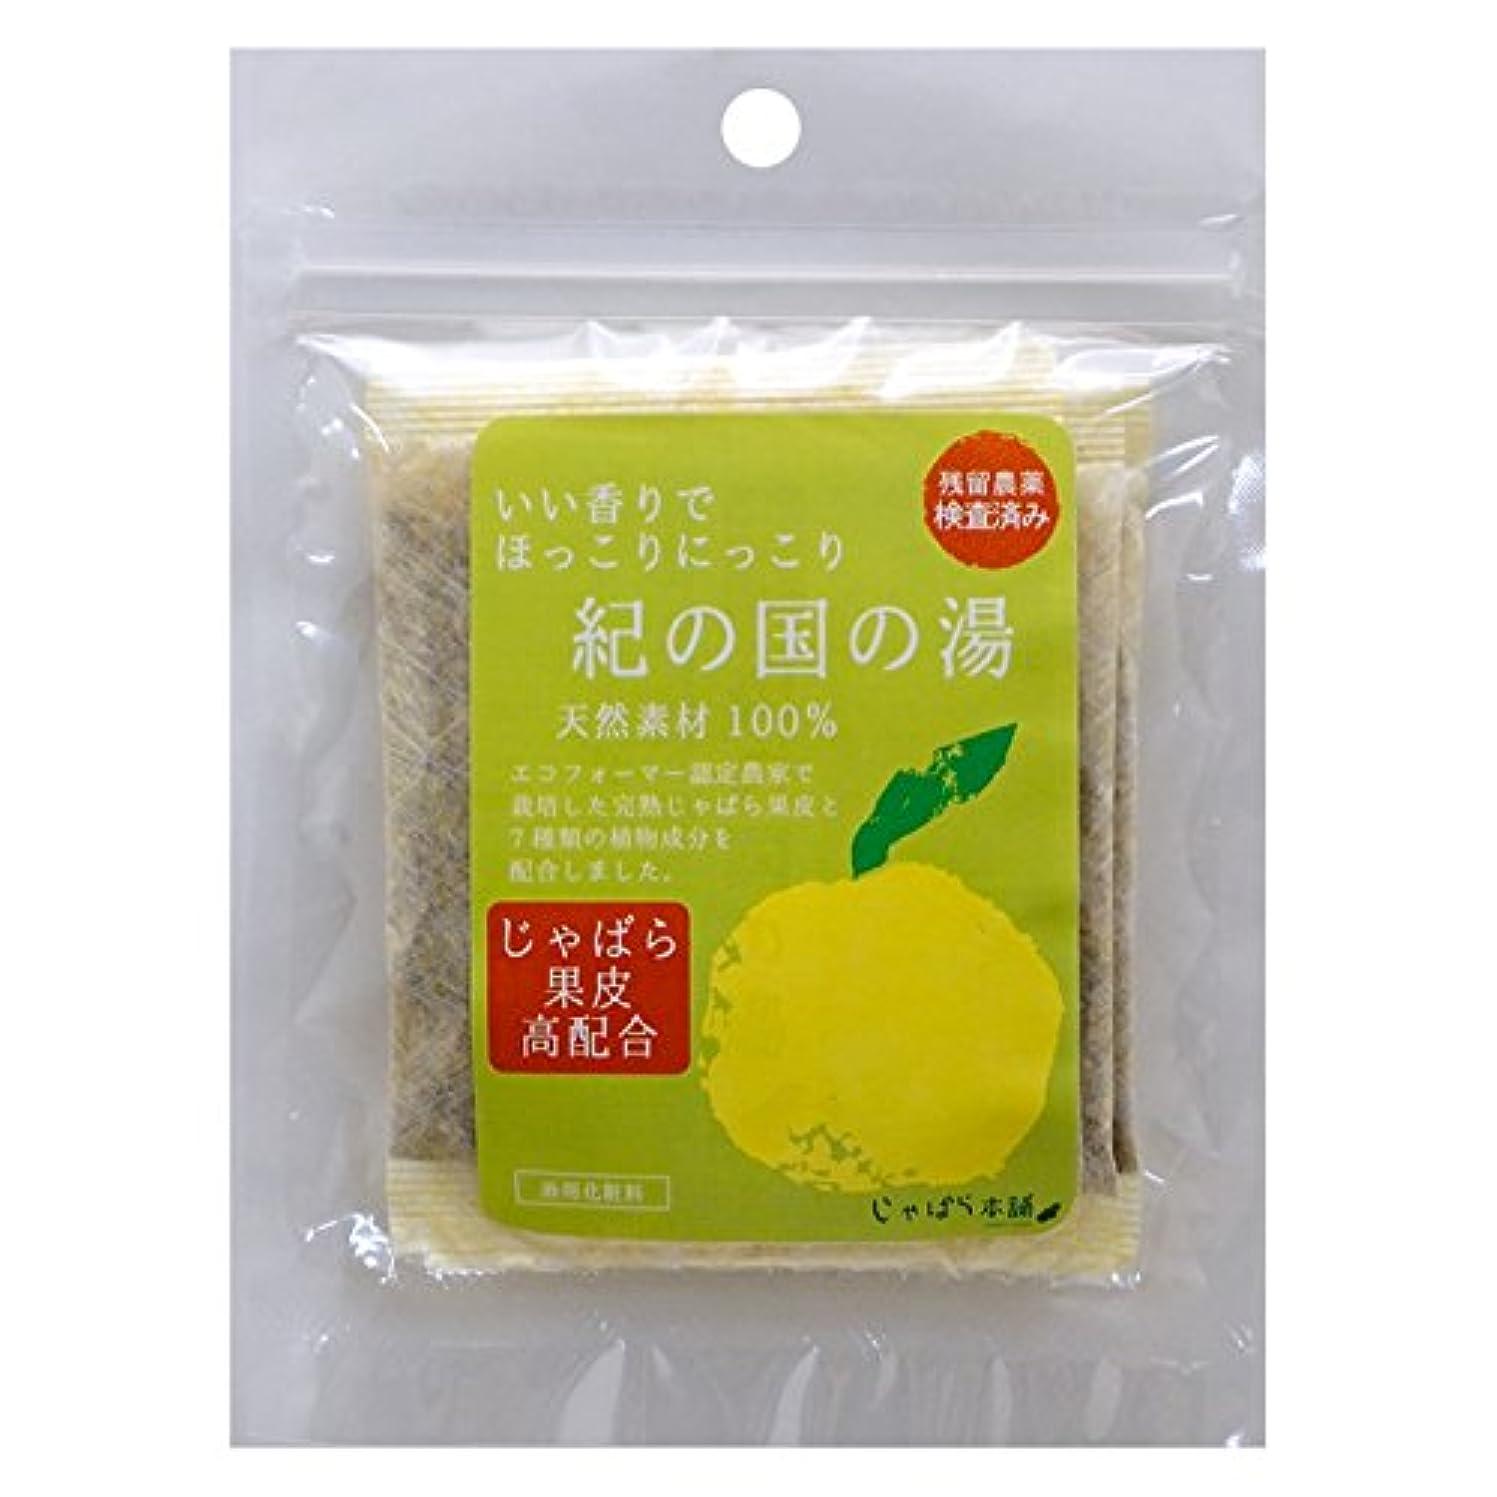 講師優雅集団じゃばら果皮入りの入浴剤 「紀の国の湯」 1袋(15g×3包入り)